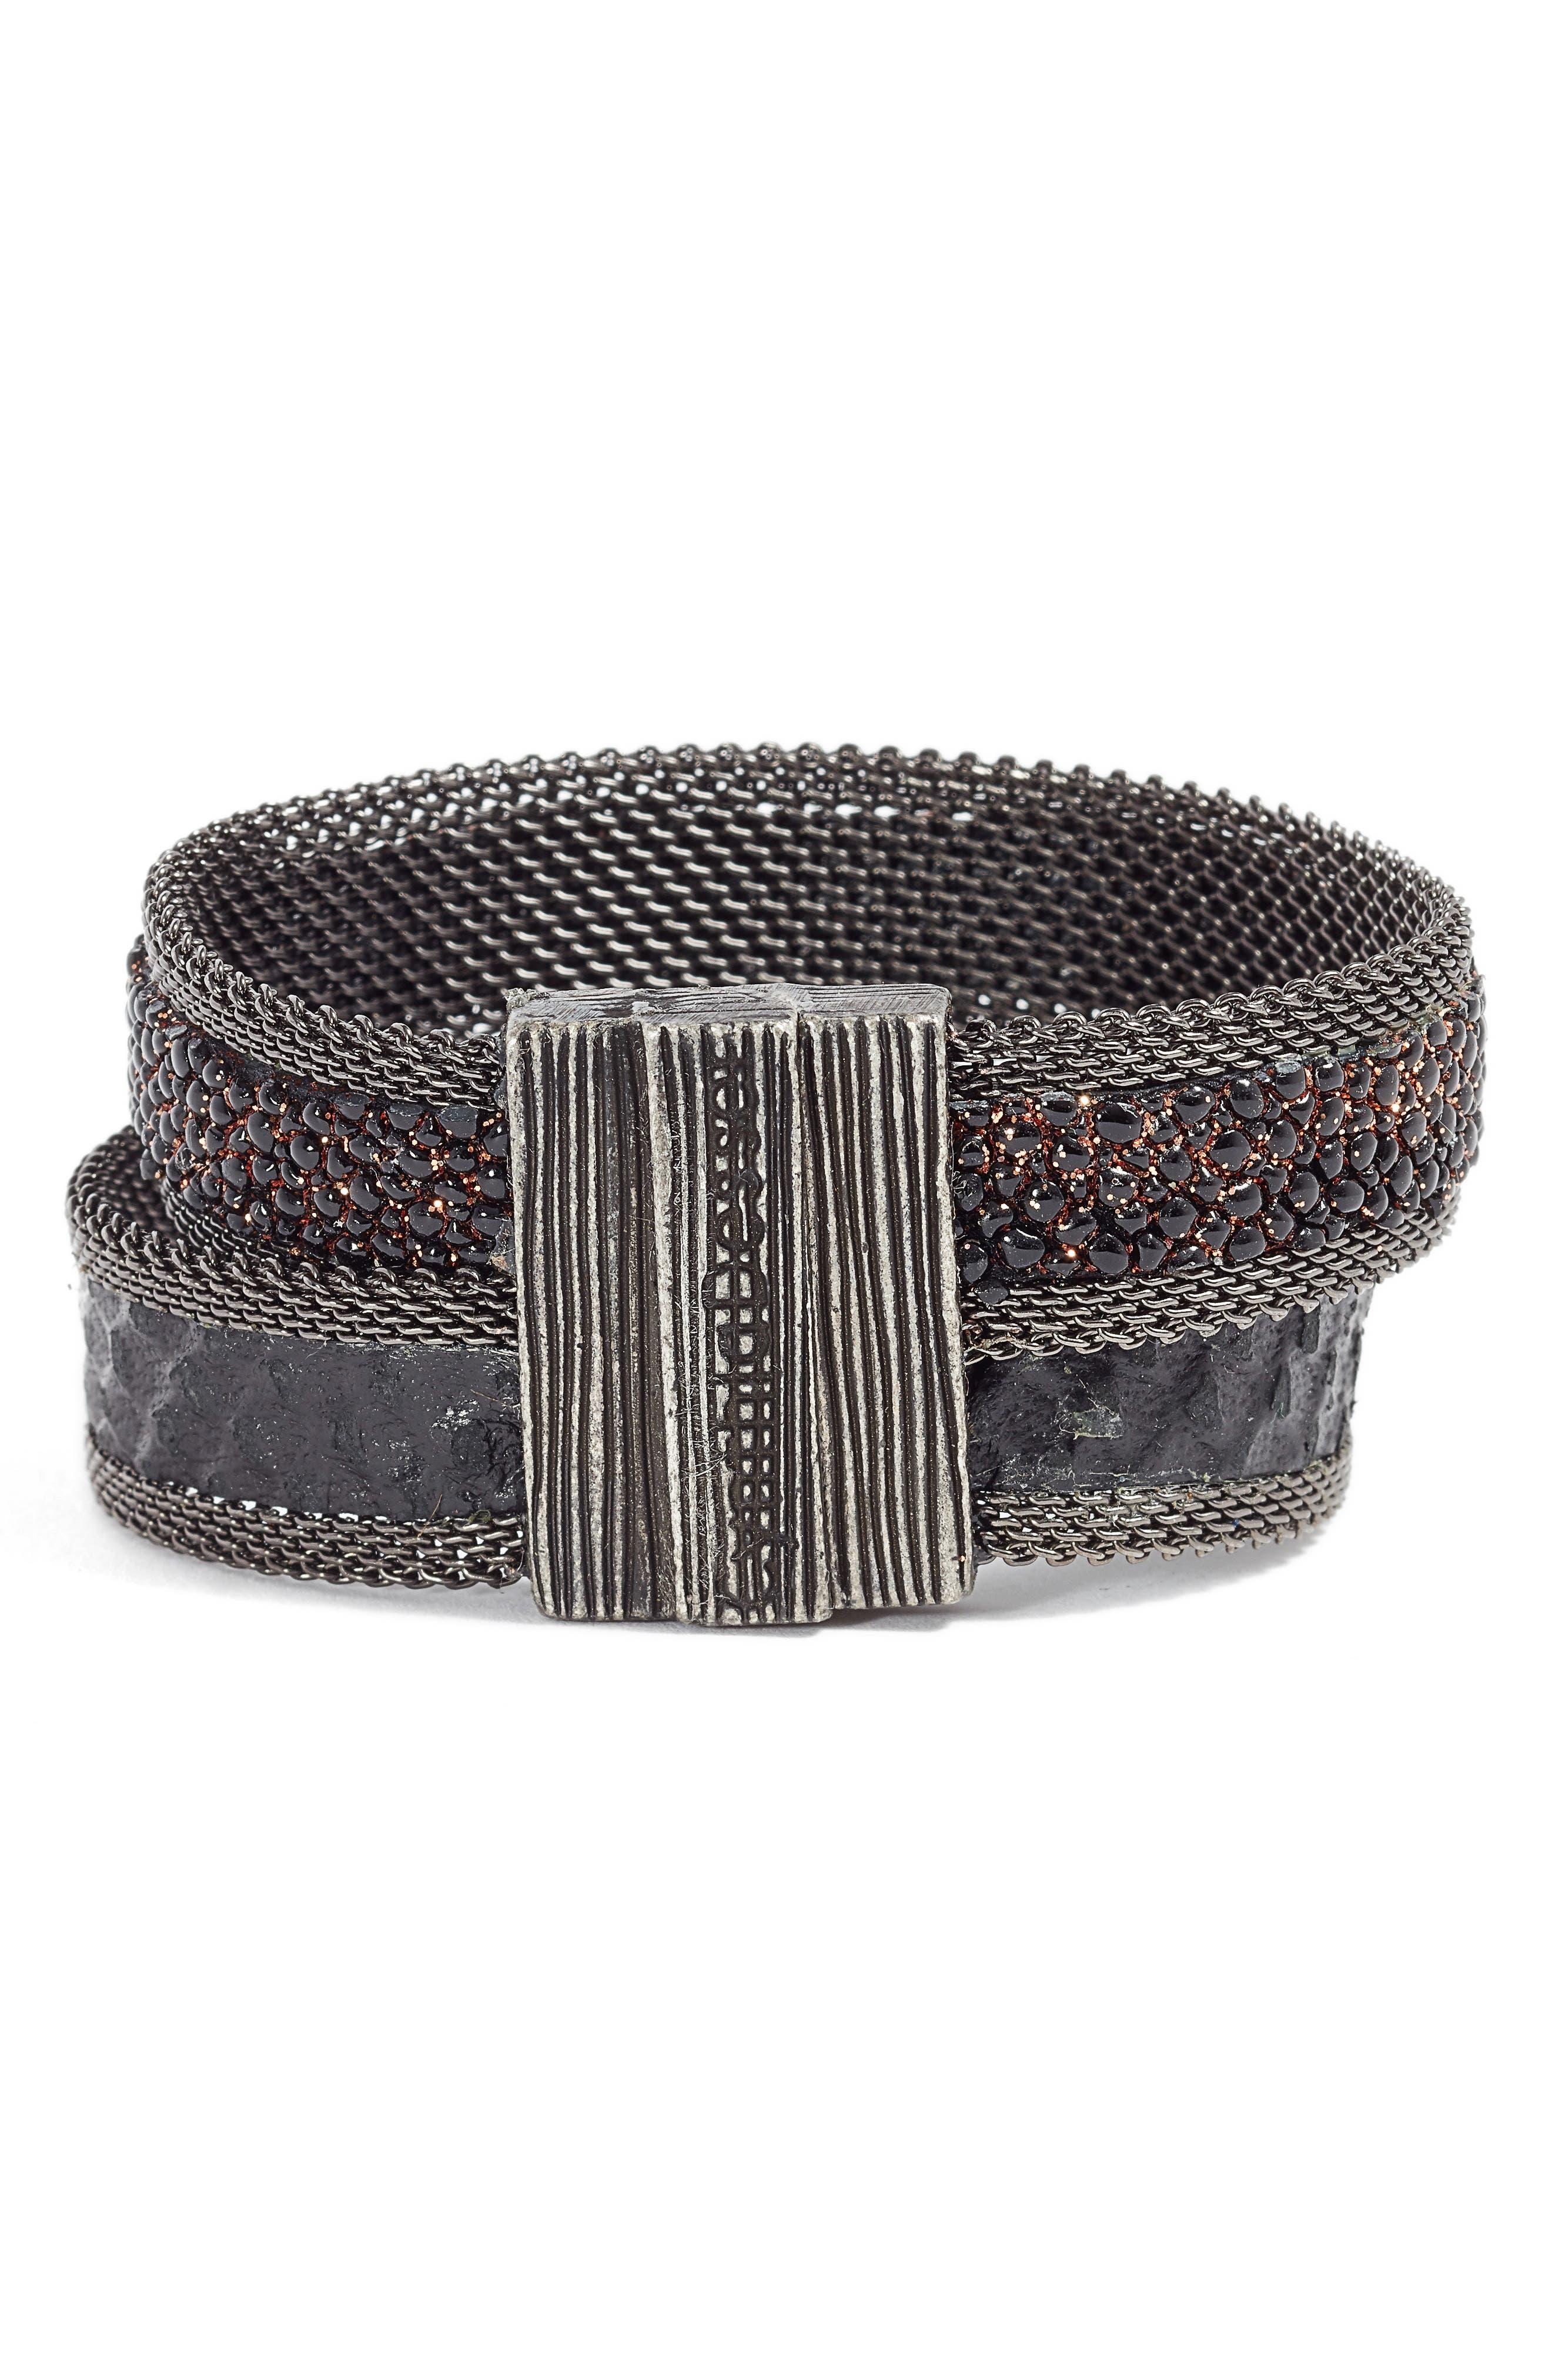 Shimmer Stingray & Snakeskin Bracelet,                             Alternate thumbnail 3, color,                             Black/ Copper/ Gun Metal